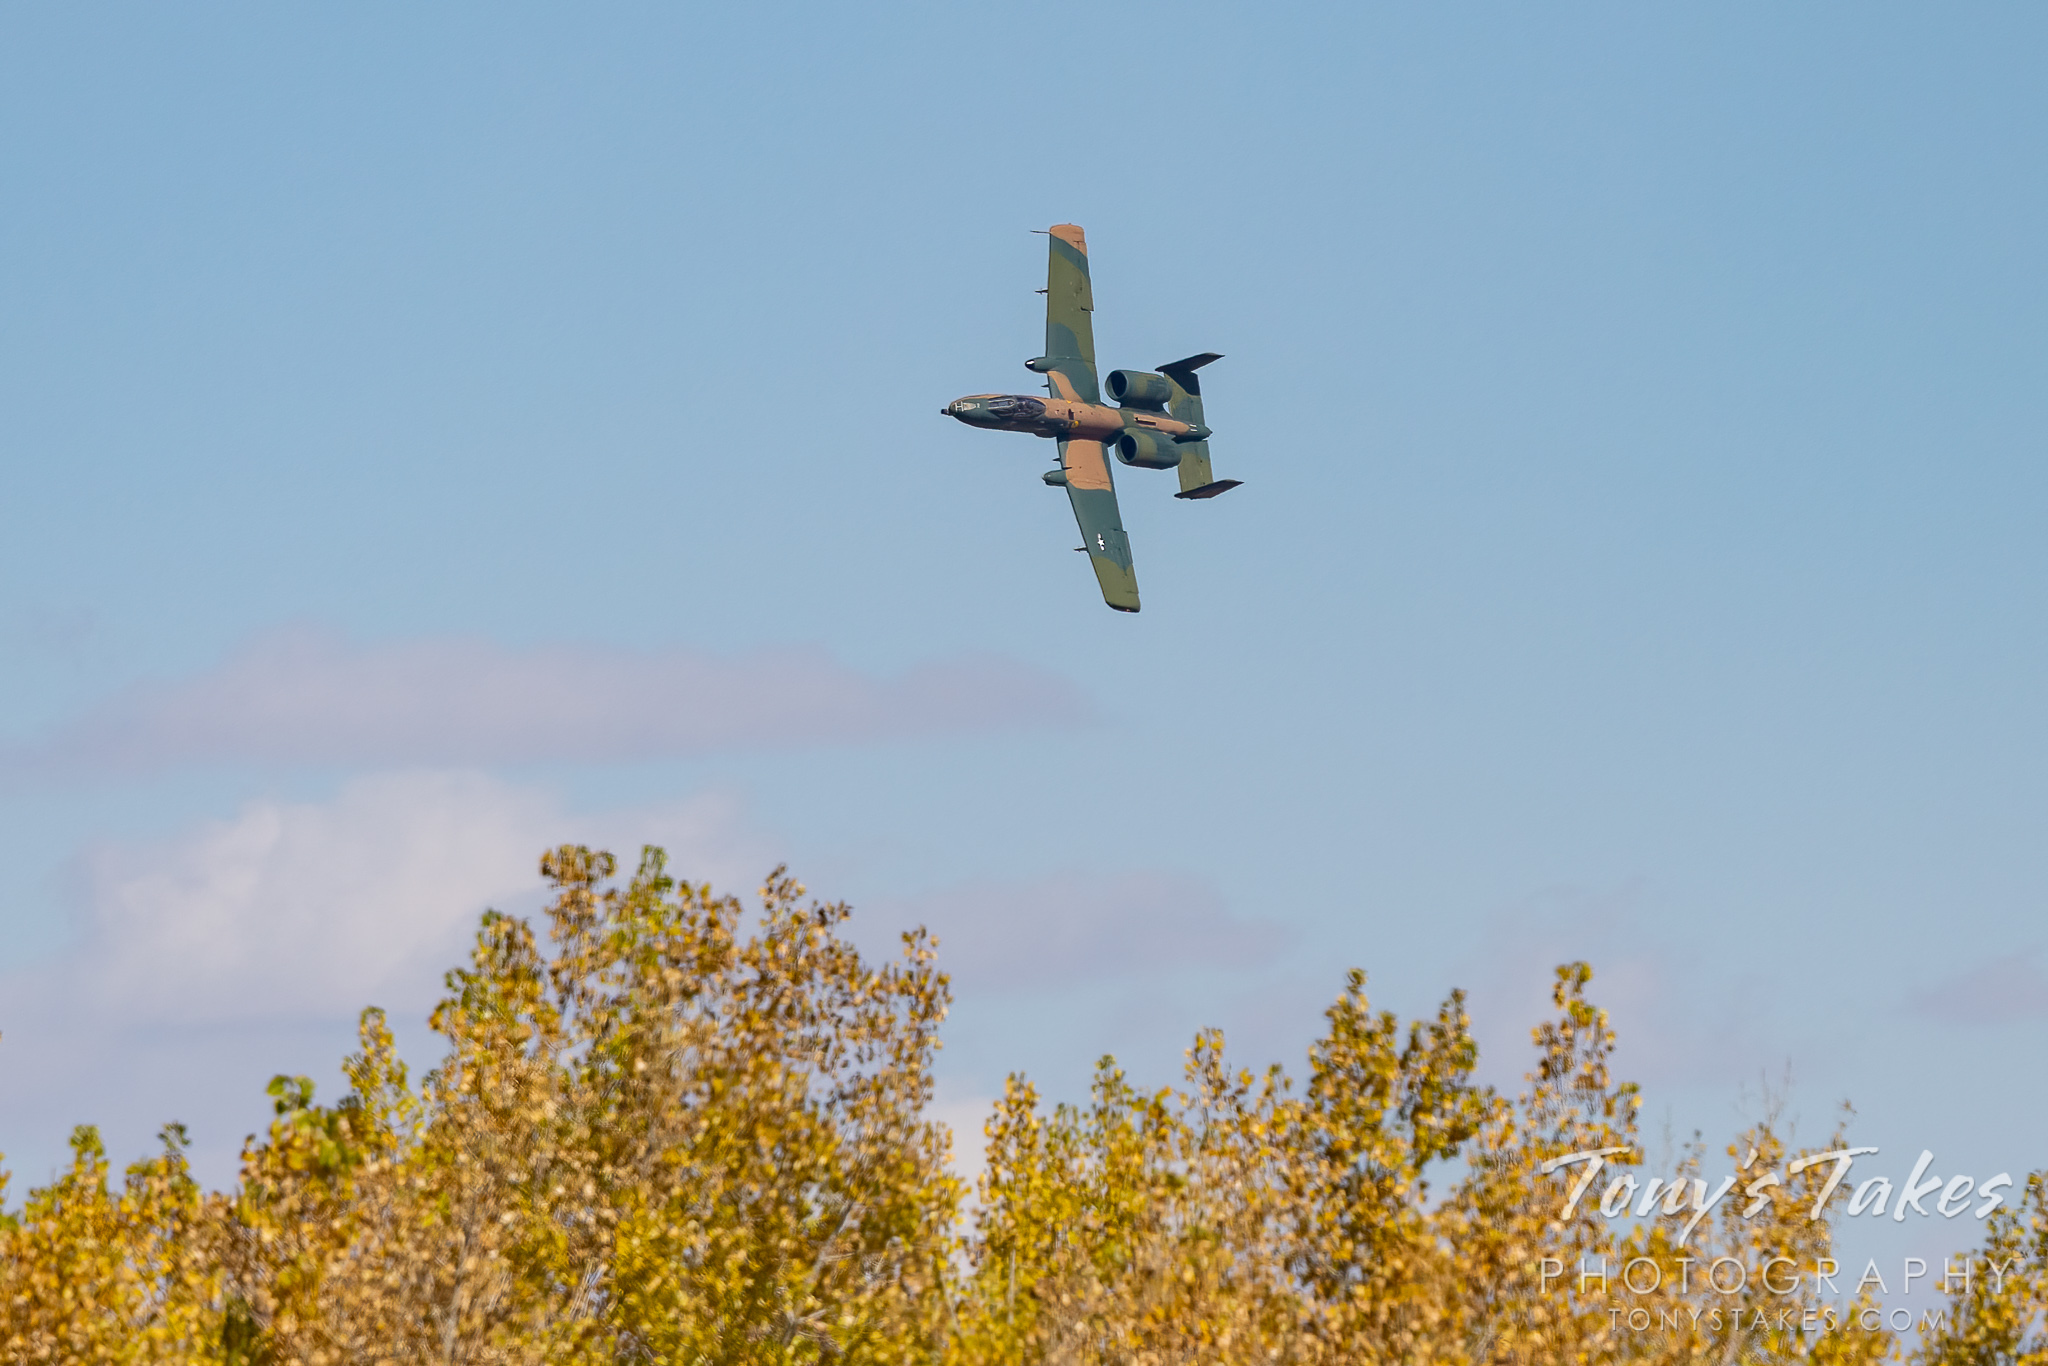 An A-15 Thunderbolt and fall foliage. (© Tony's Takes)